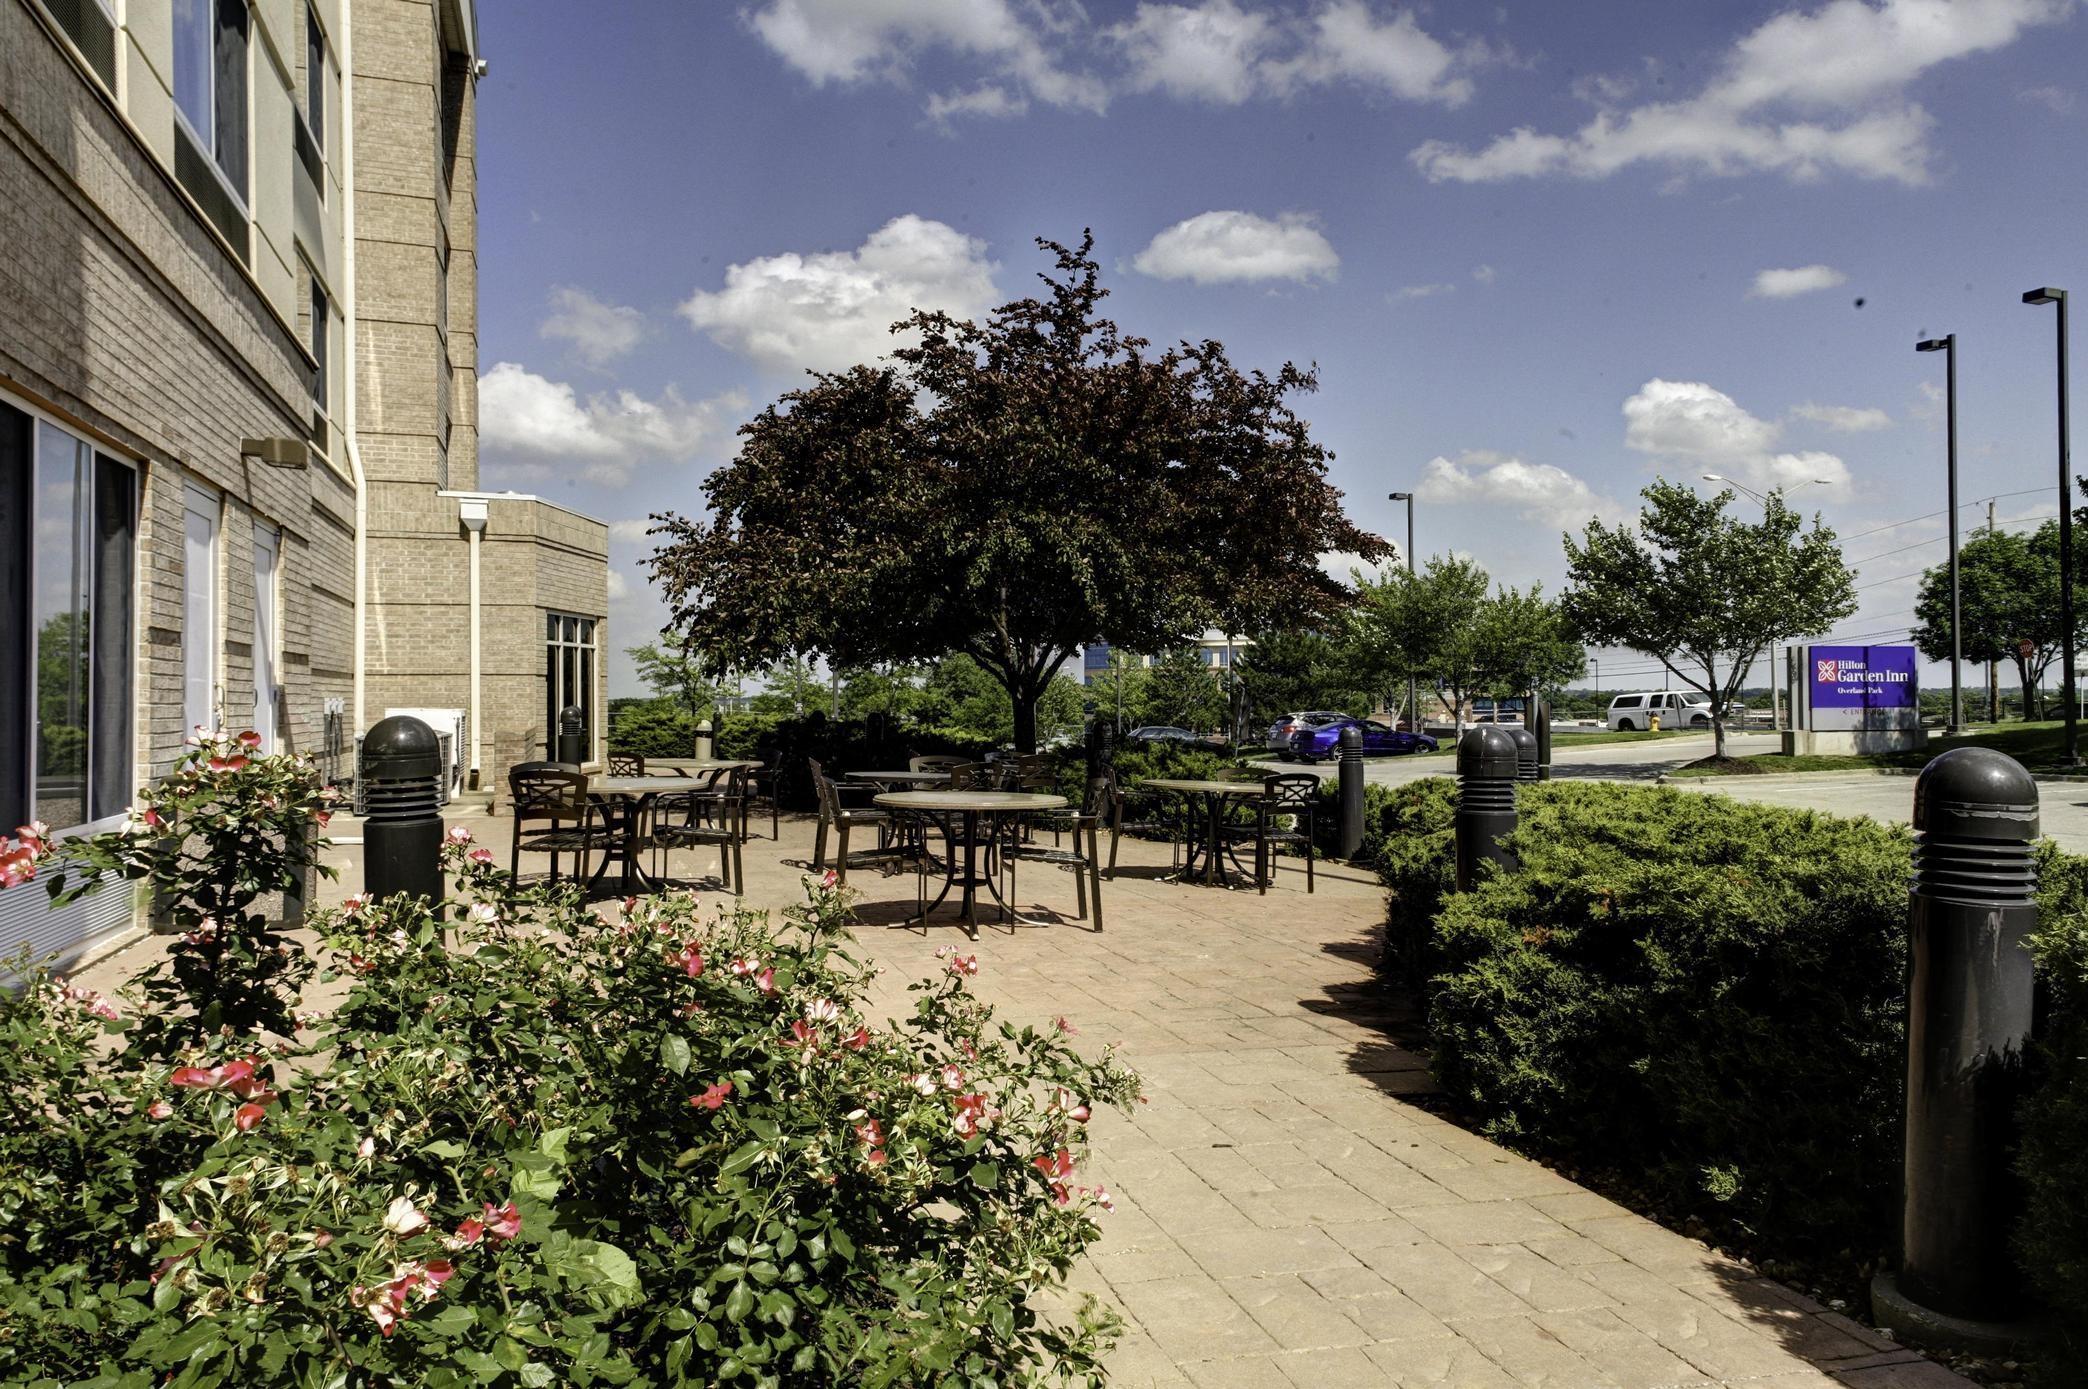 Hilton Garden Inn Overland Park Overland Park Kansas Ks